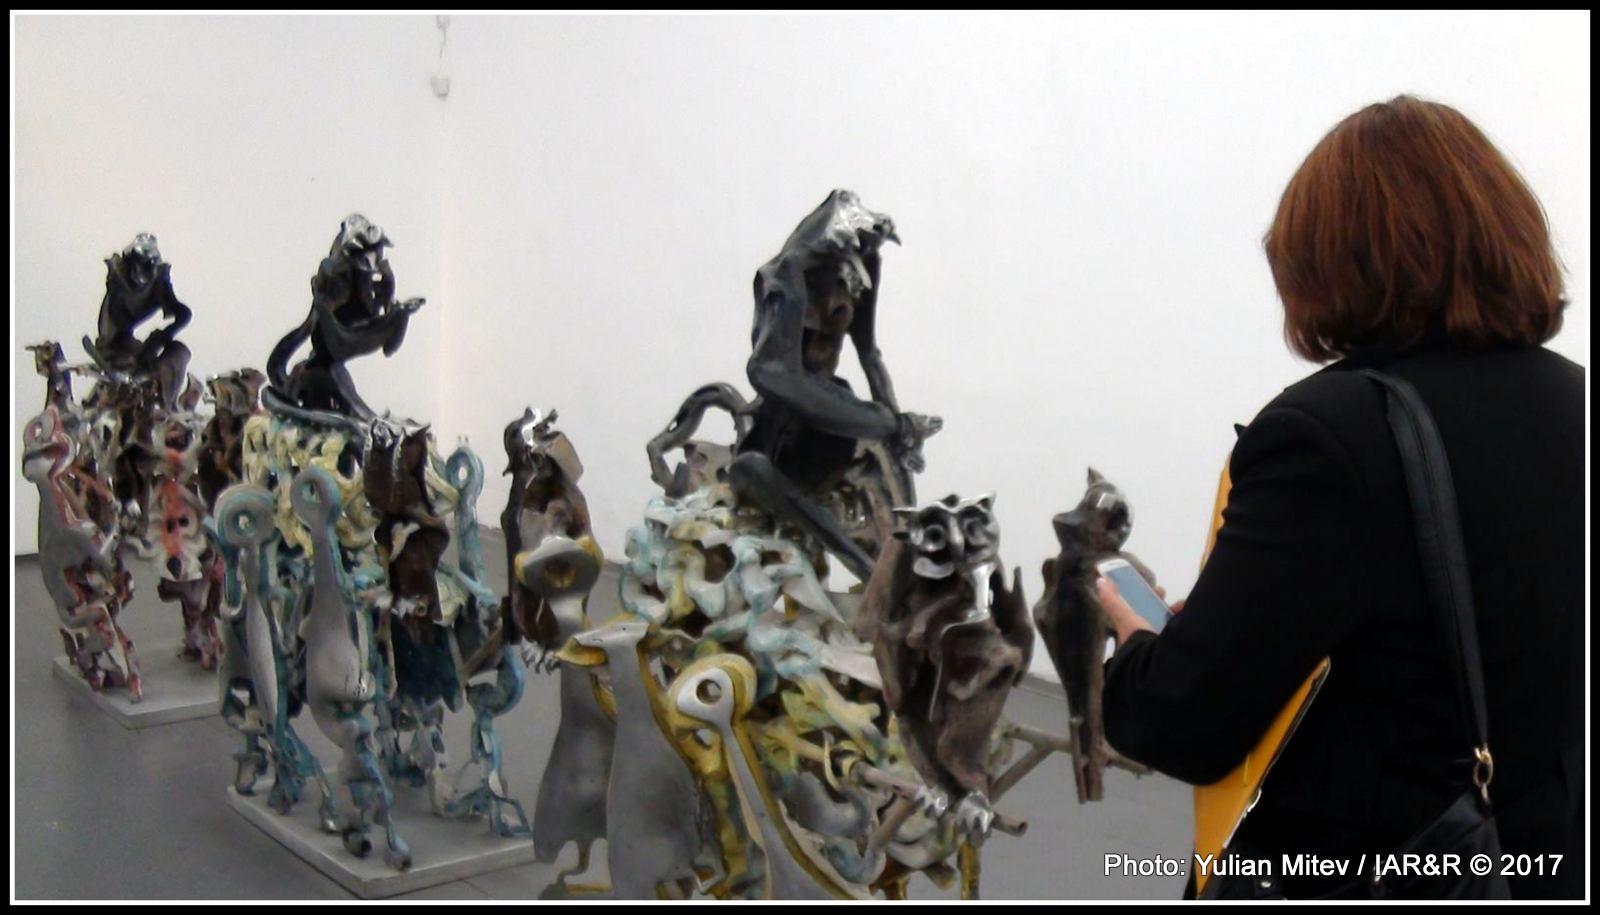 Скулптурната група, при това повторена 3 пъти, което дава представа за развитието на процеса, бе един от знаковитге елементги на изложбата